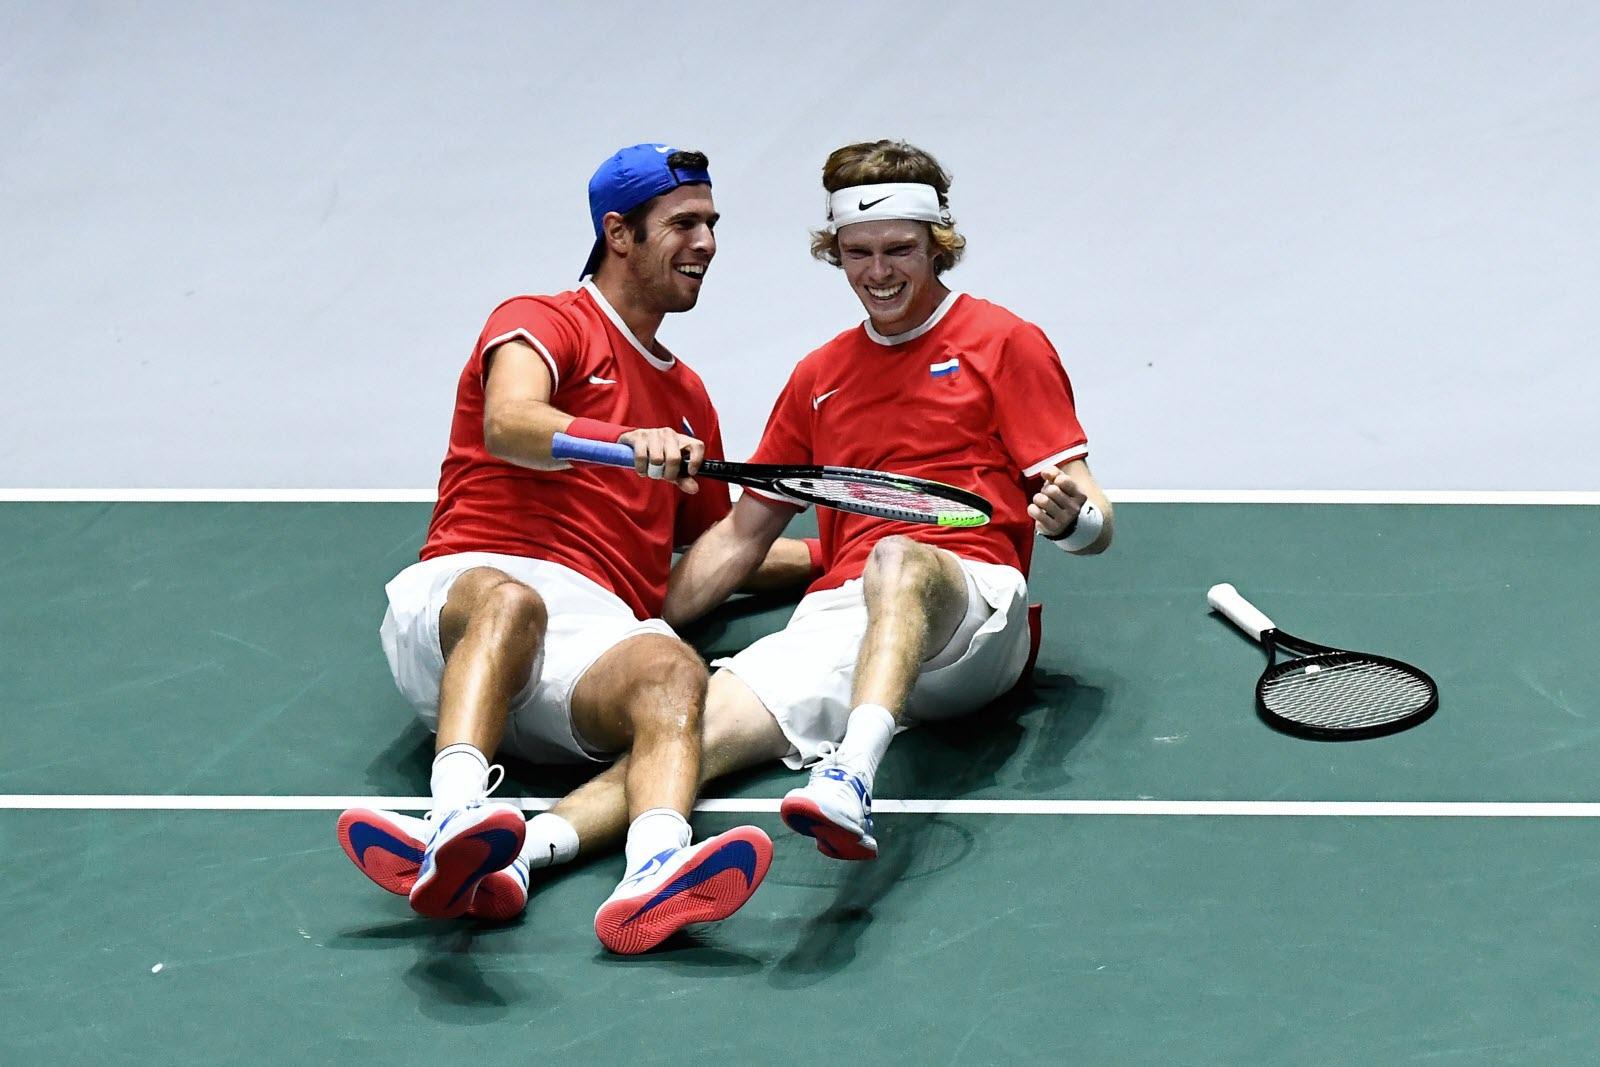 Rússia salva três match-points, derrota a Sérvia e vai à semifinal da Copa Davis